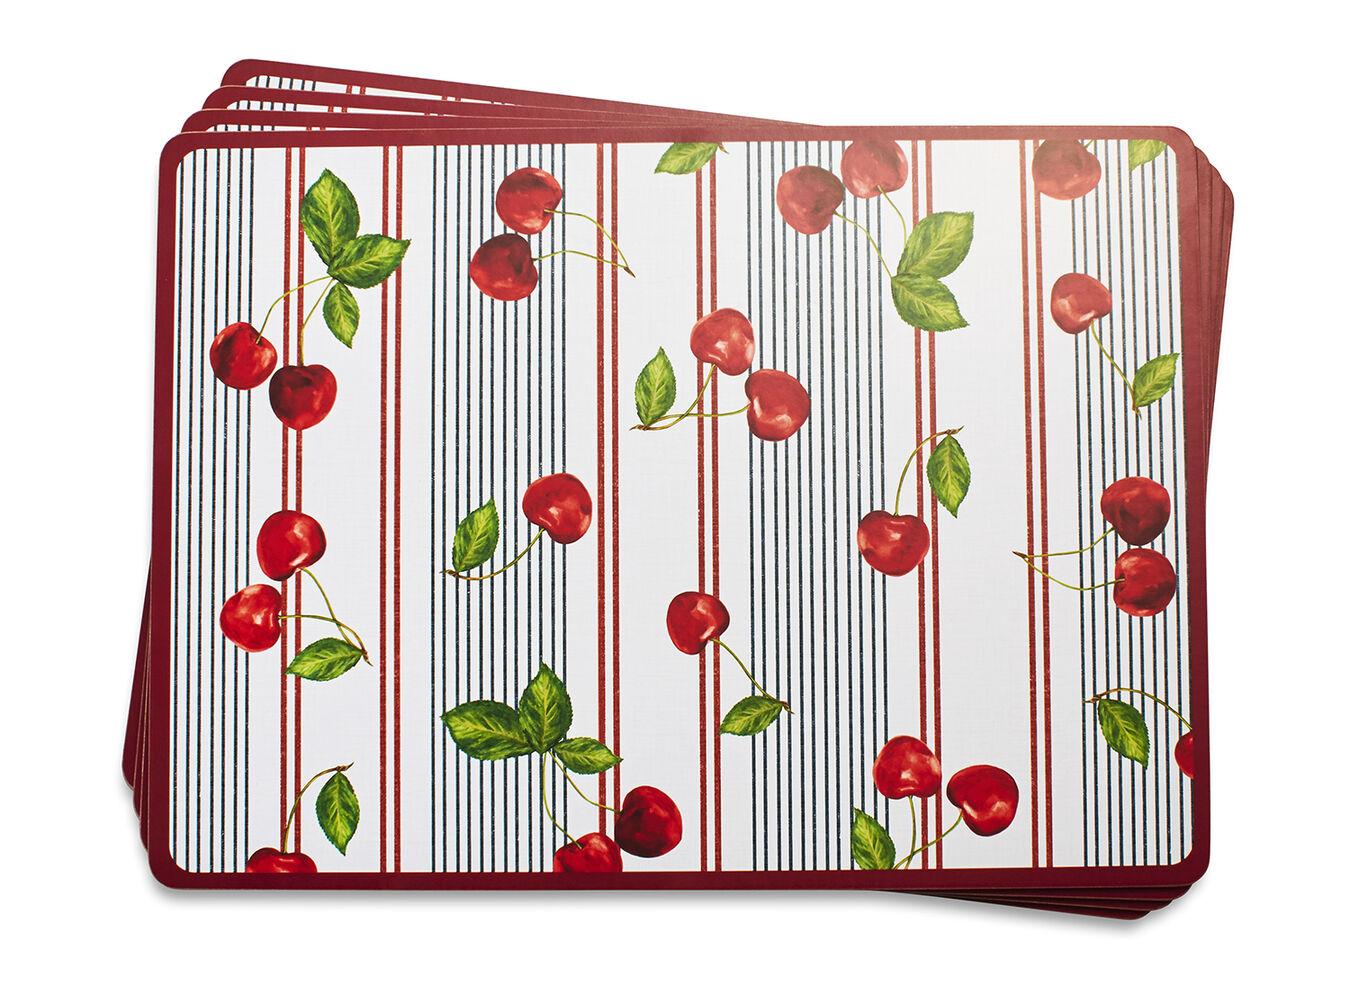 Pique-Nique Cork-Backed Placemats, Set of 4 | Sur La Table